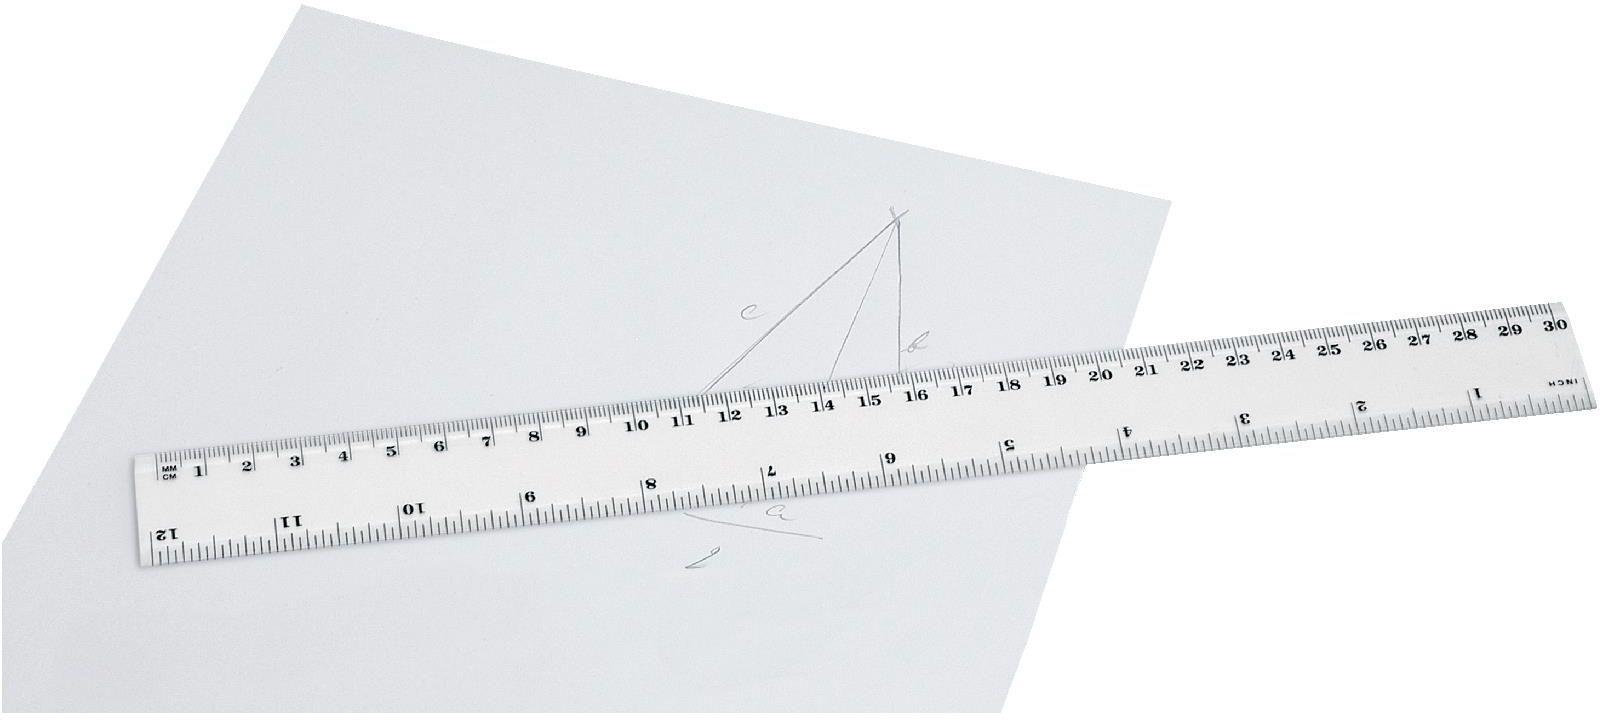 RULER plastové pravítko, 30 cm, bílá